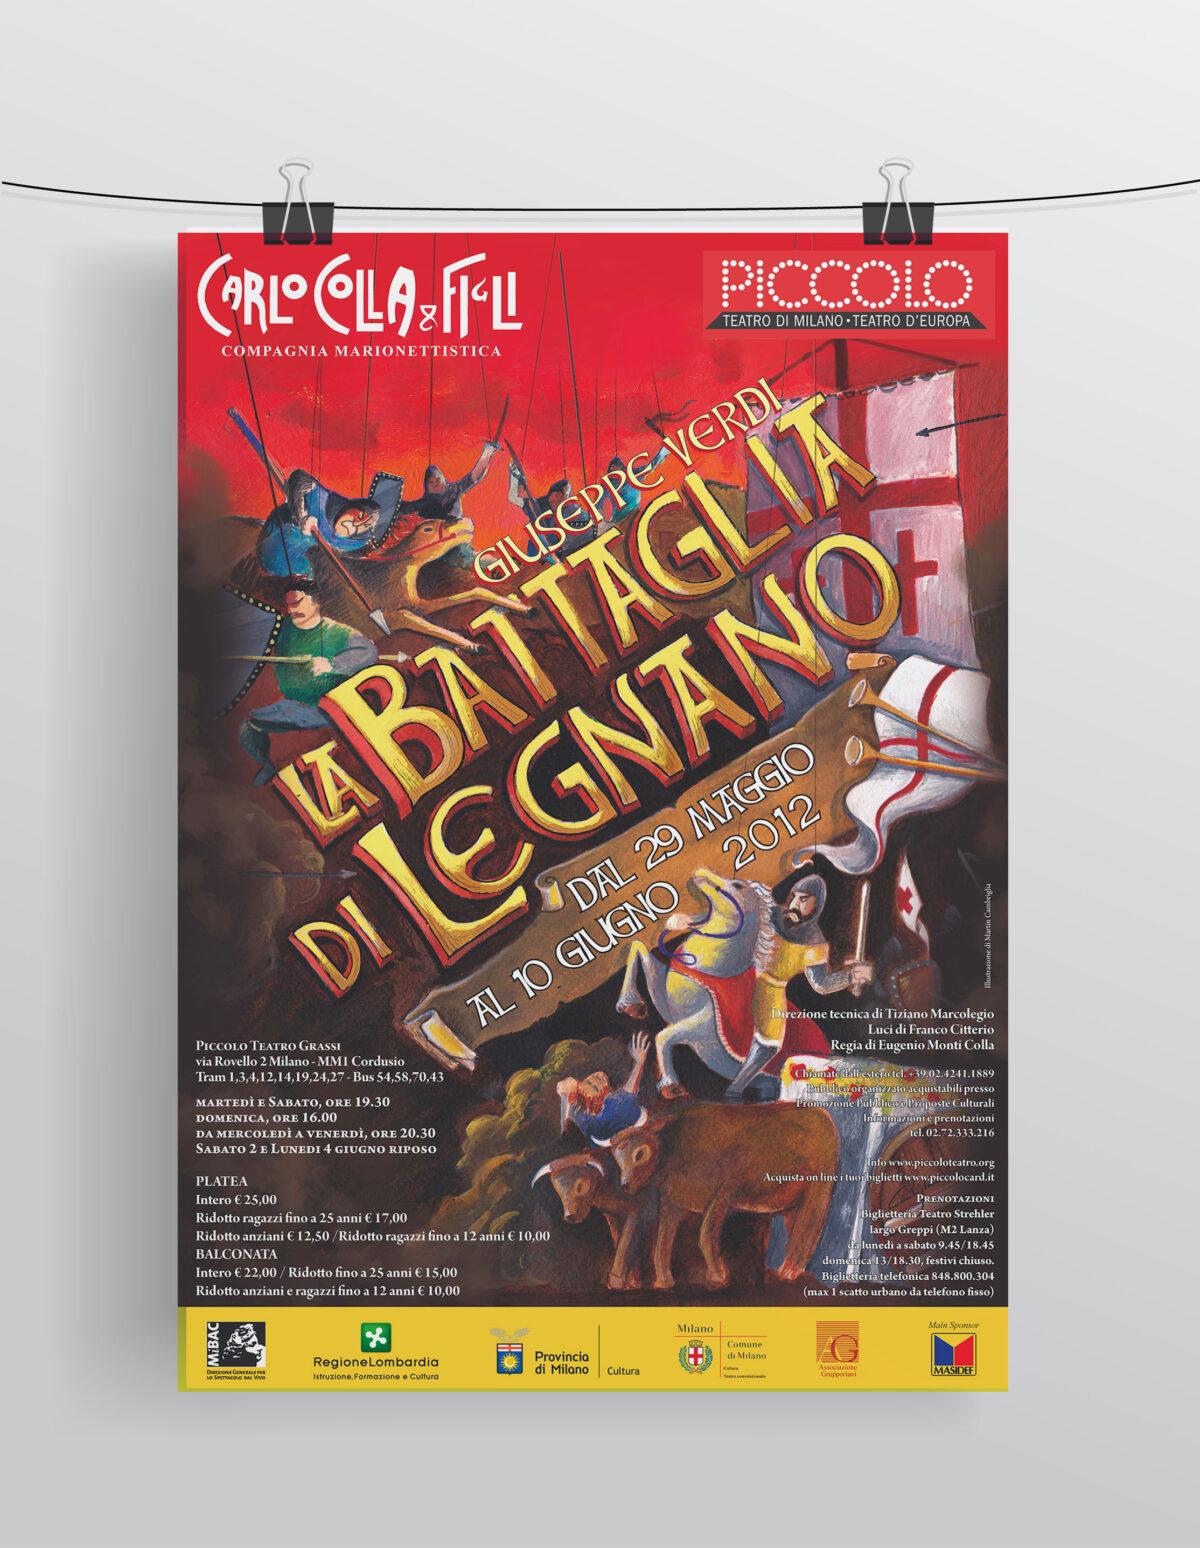 """""""La Battaglia di Legnano"""" Compagnia Marionettistica Carlo Colla & Figli"""